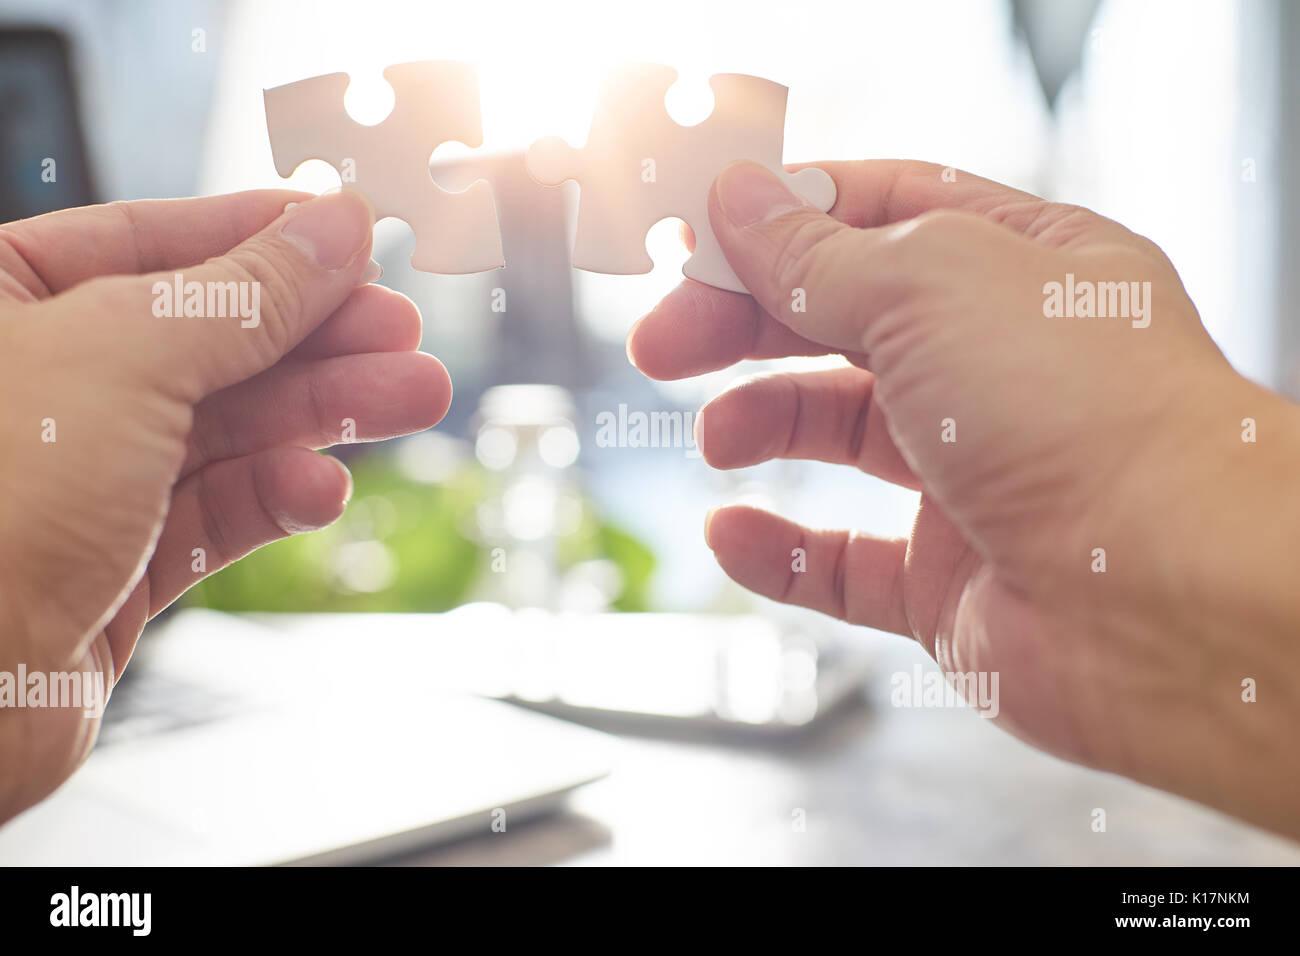 Joven empresario intentando conectar par pieza del puzzle con sun flare y fondo desenfocado,el símbolo de asociación y conexión. La estrategia de negocio. Imagen De Stock